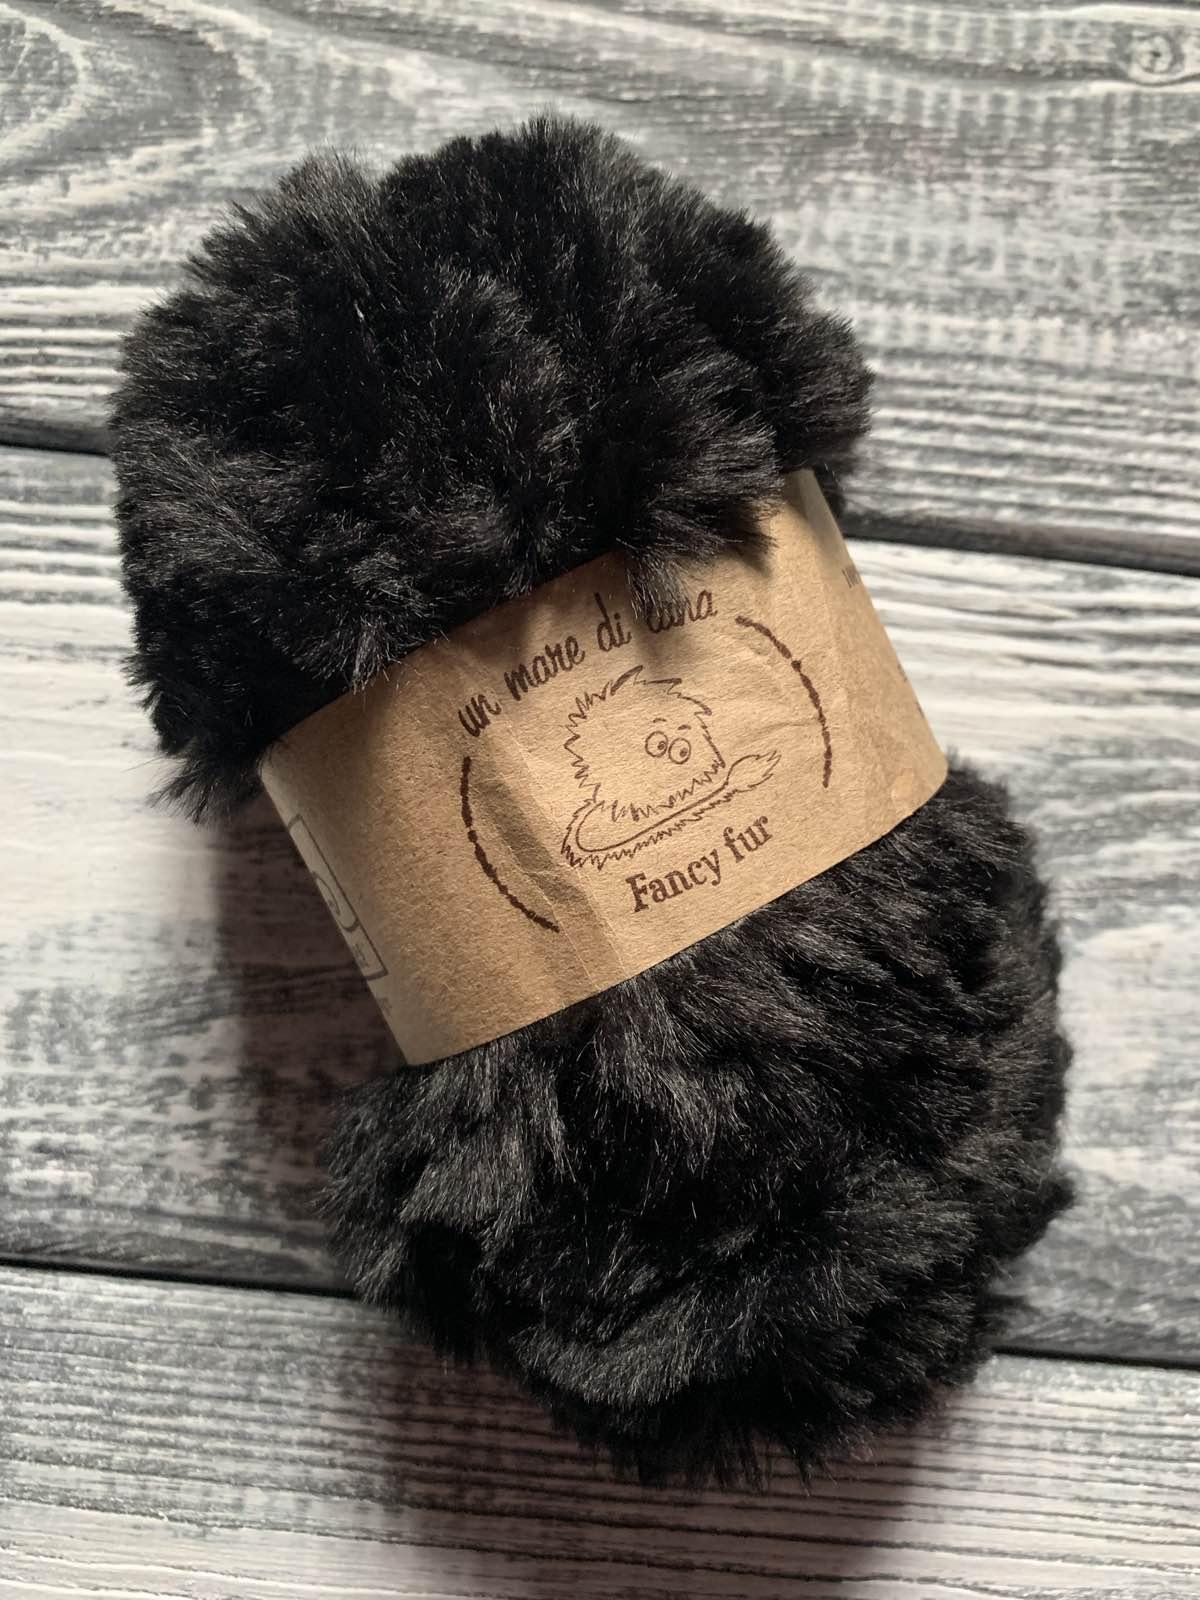 Wool Sea Fancy fur (Море шерсти Фанси фе ) 02 - черный купить в Минске